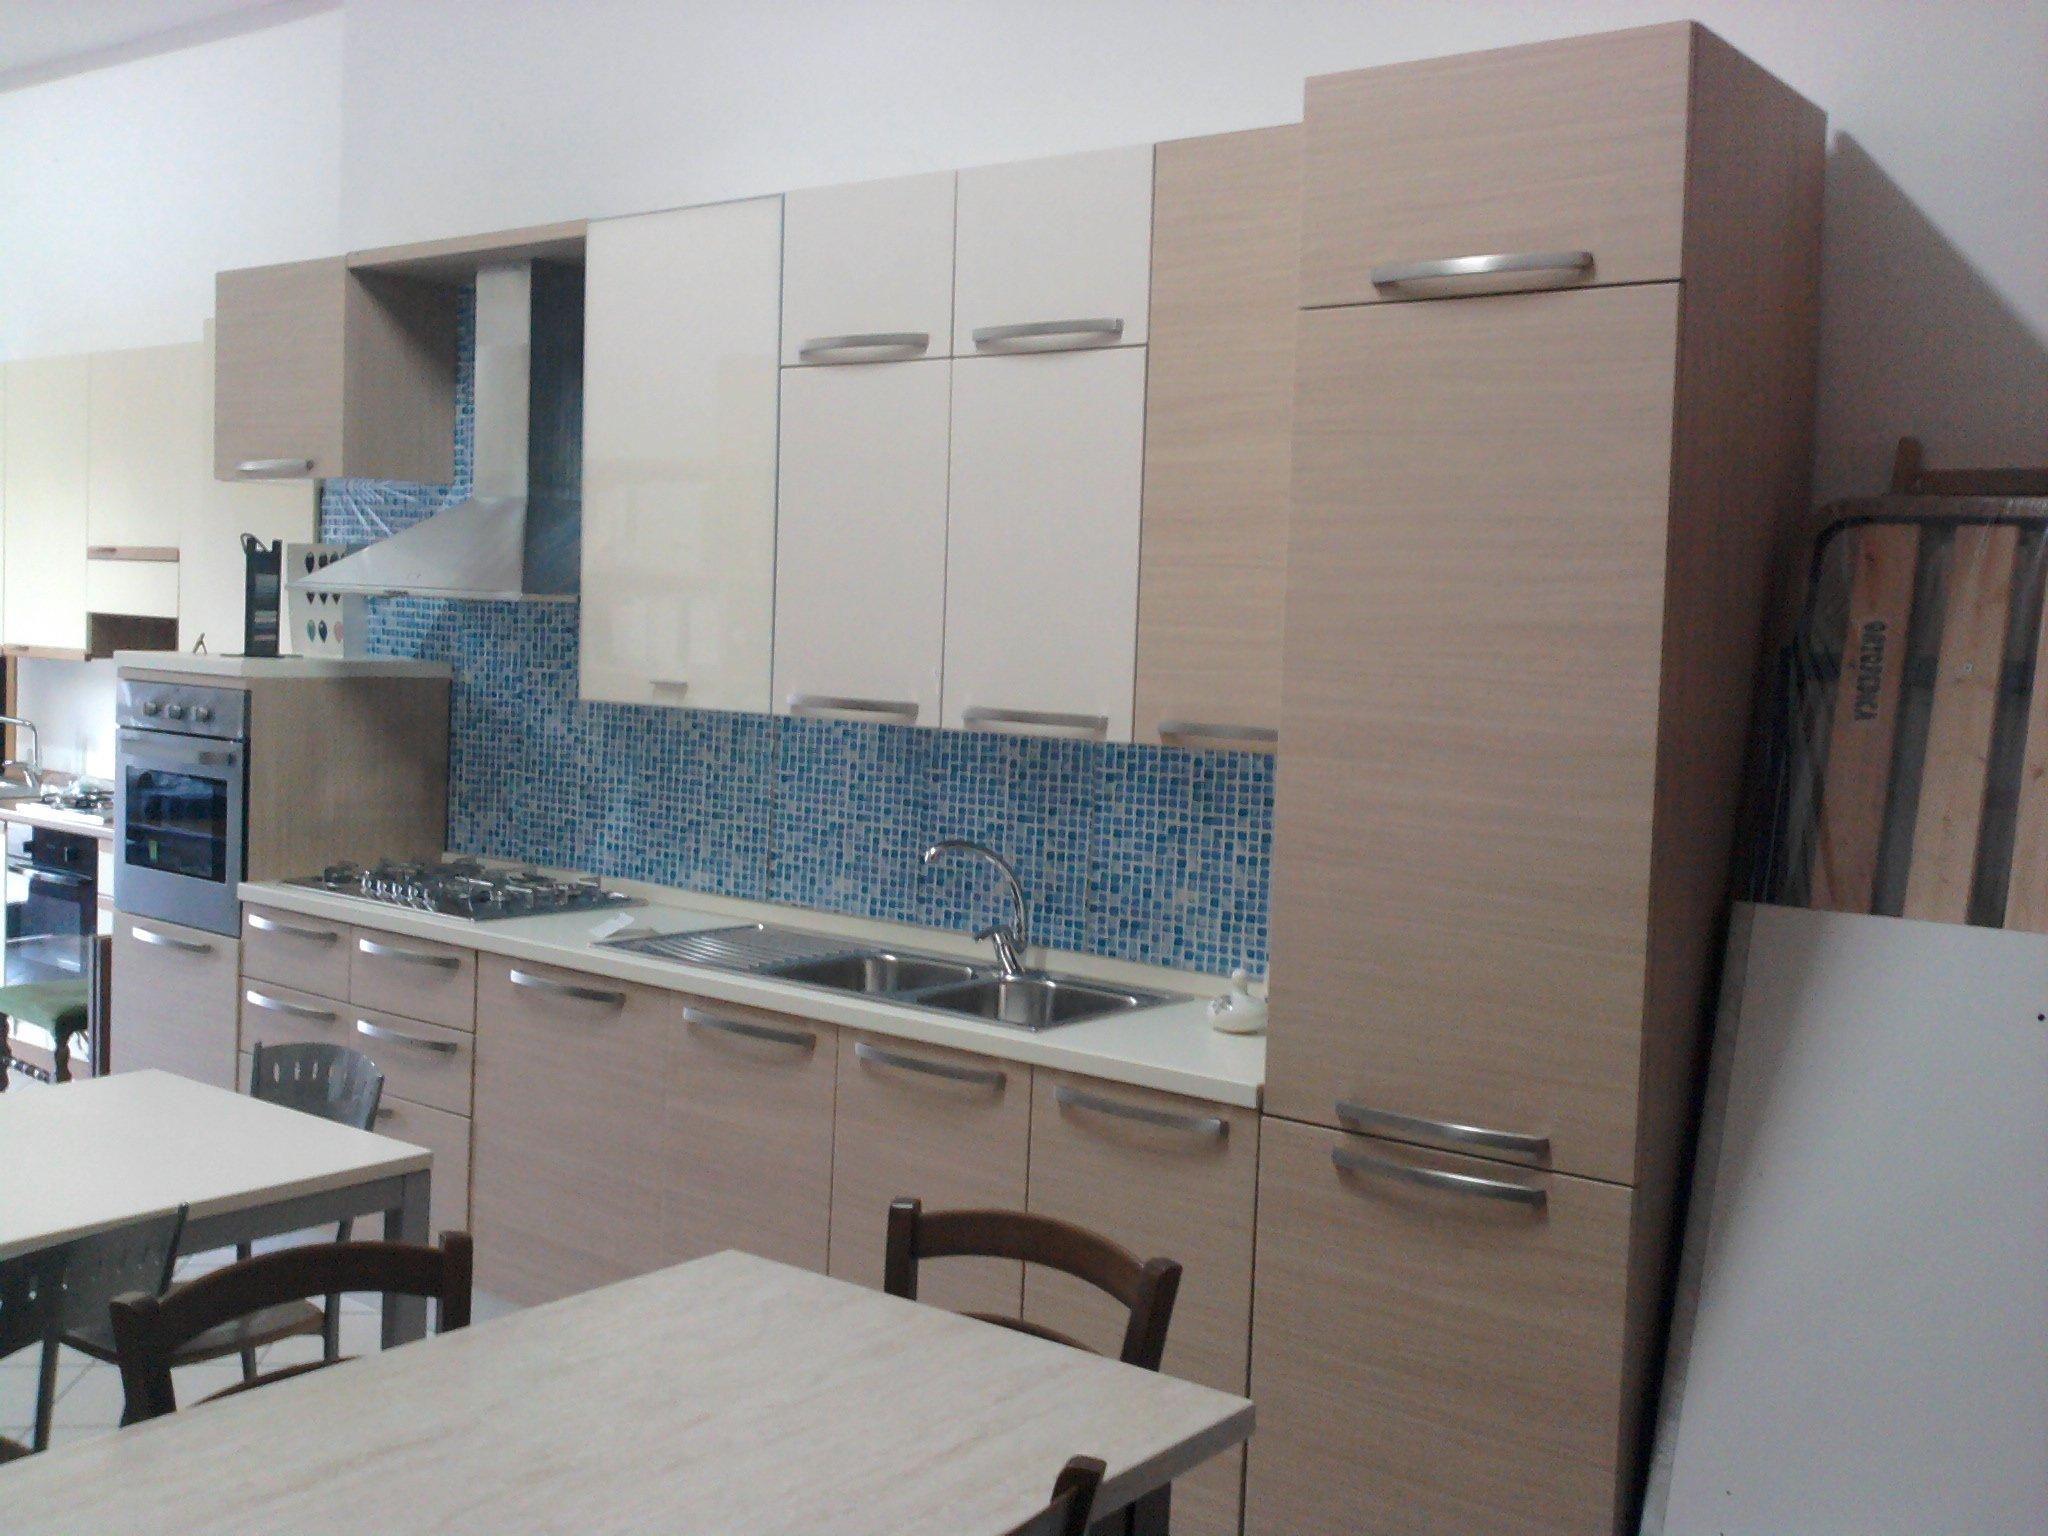 Tavola di metallo di cucina e quattro sedie di metallo e legno